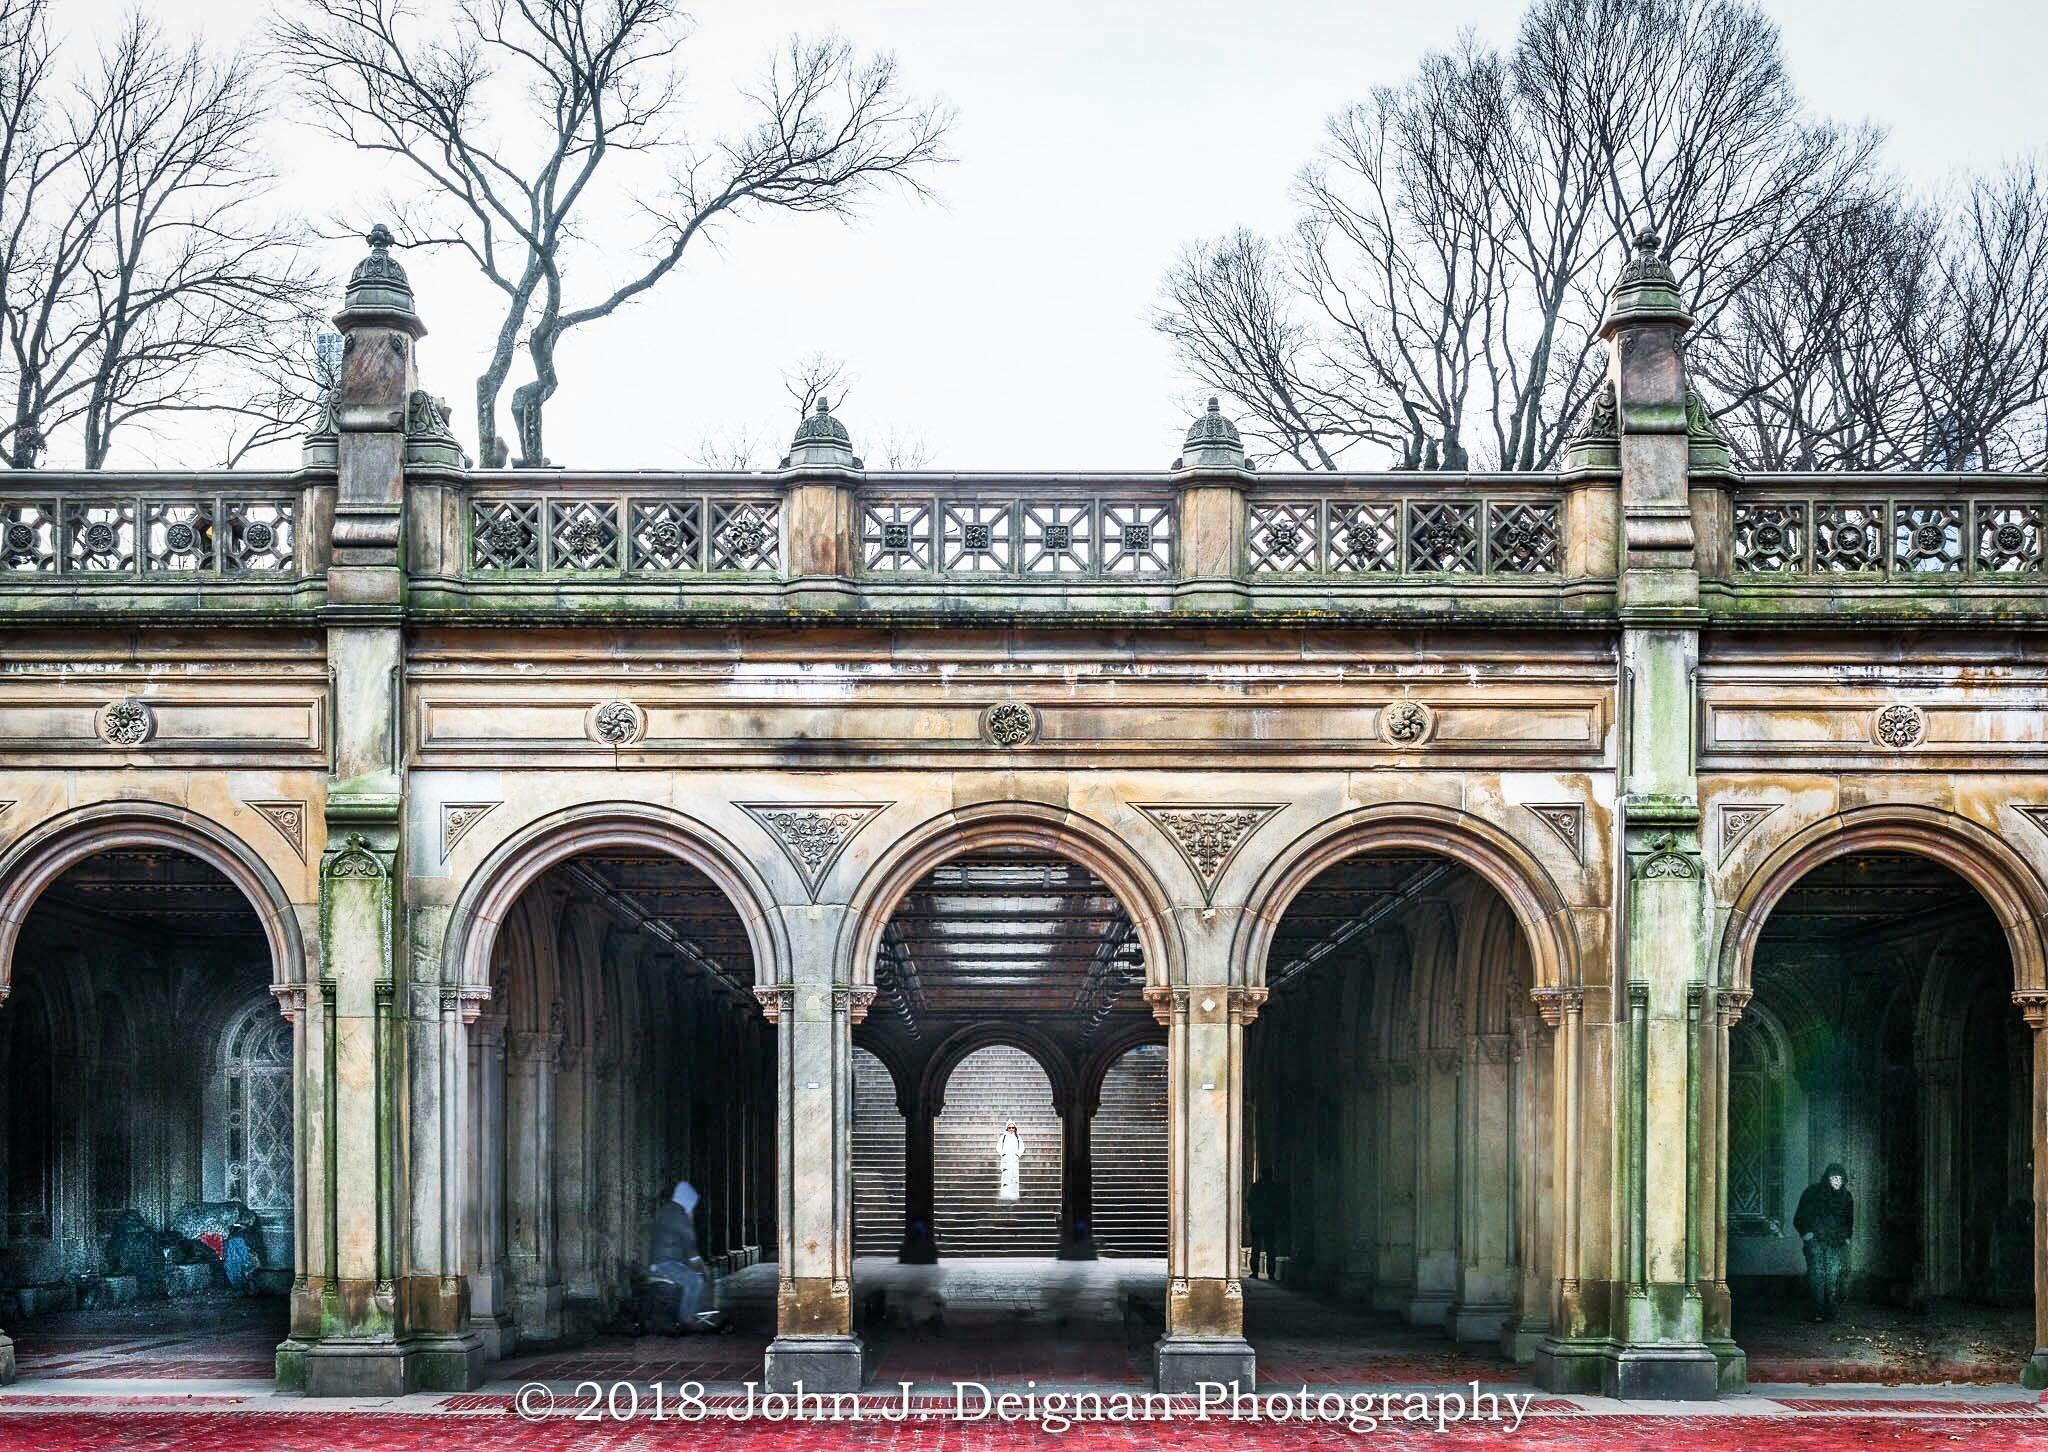 Five Archways